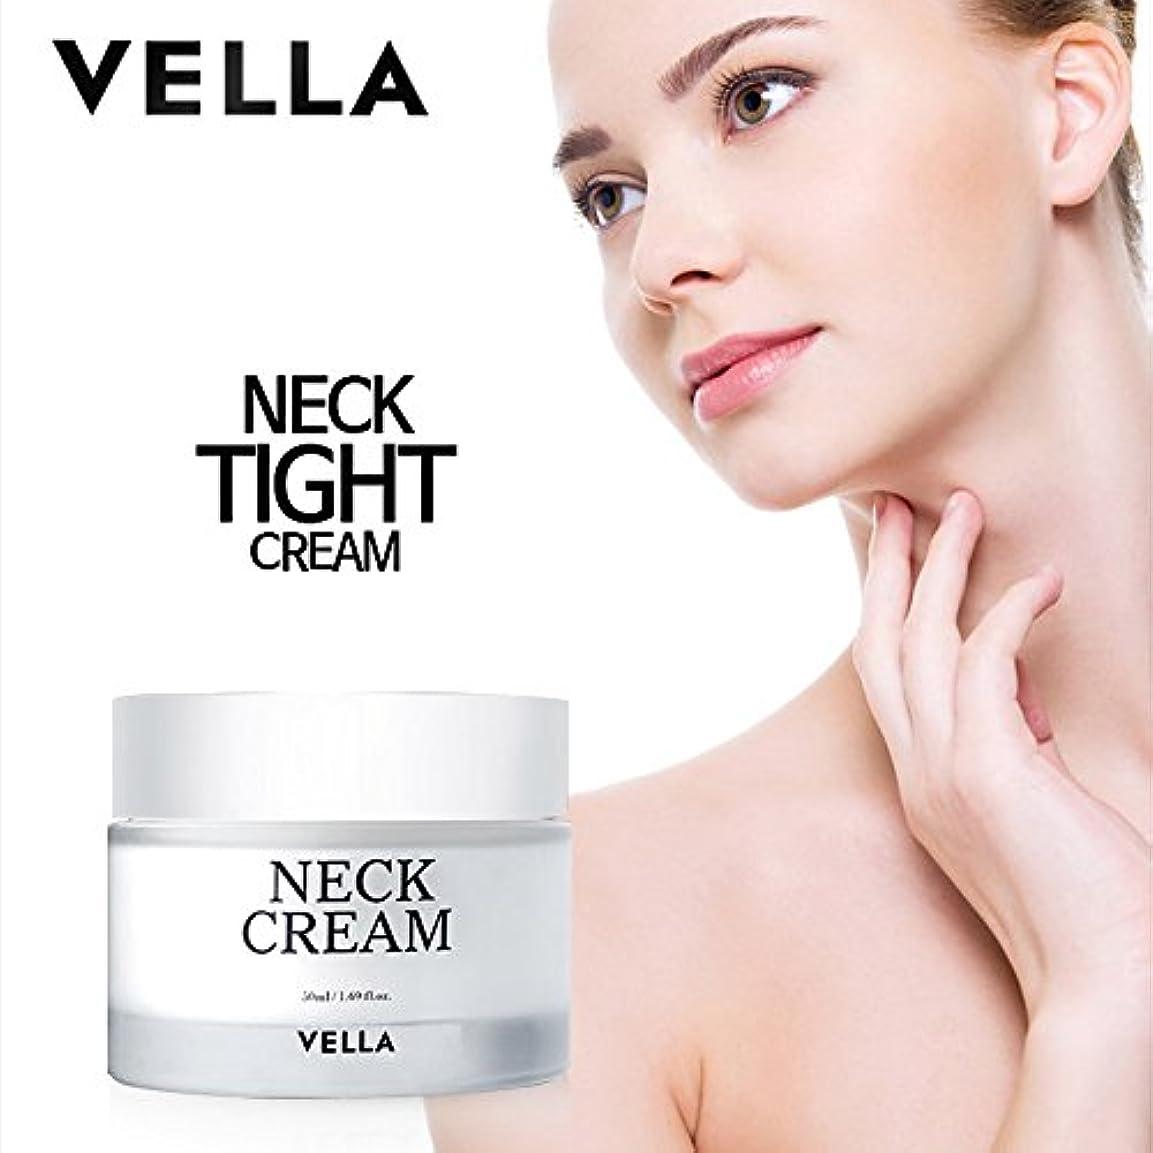 キャンディー寝具証人VELLA Anti Wrinkle & Whitening Strong Neck Cream(体がキレイvella首専用のクリーム) 50ml [並行輸入品]